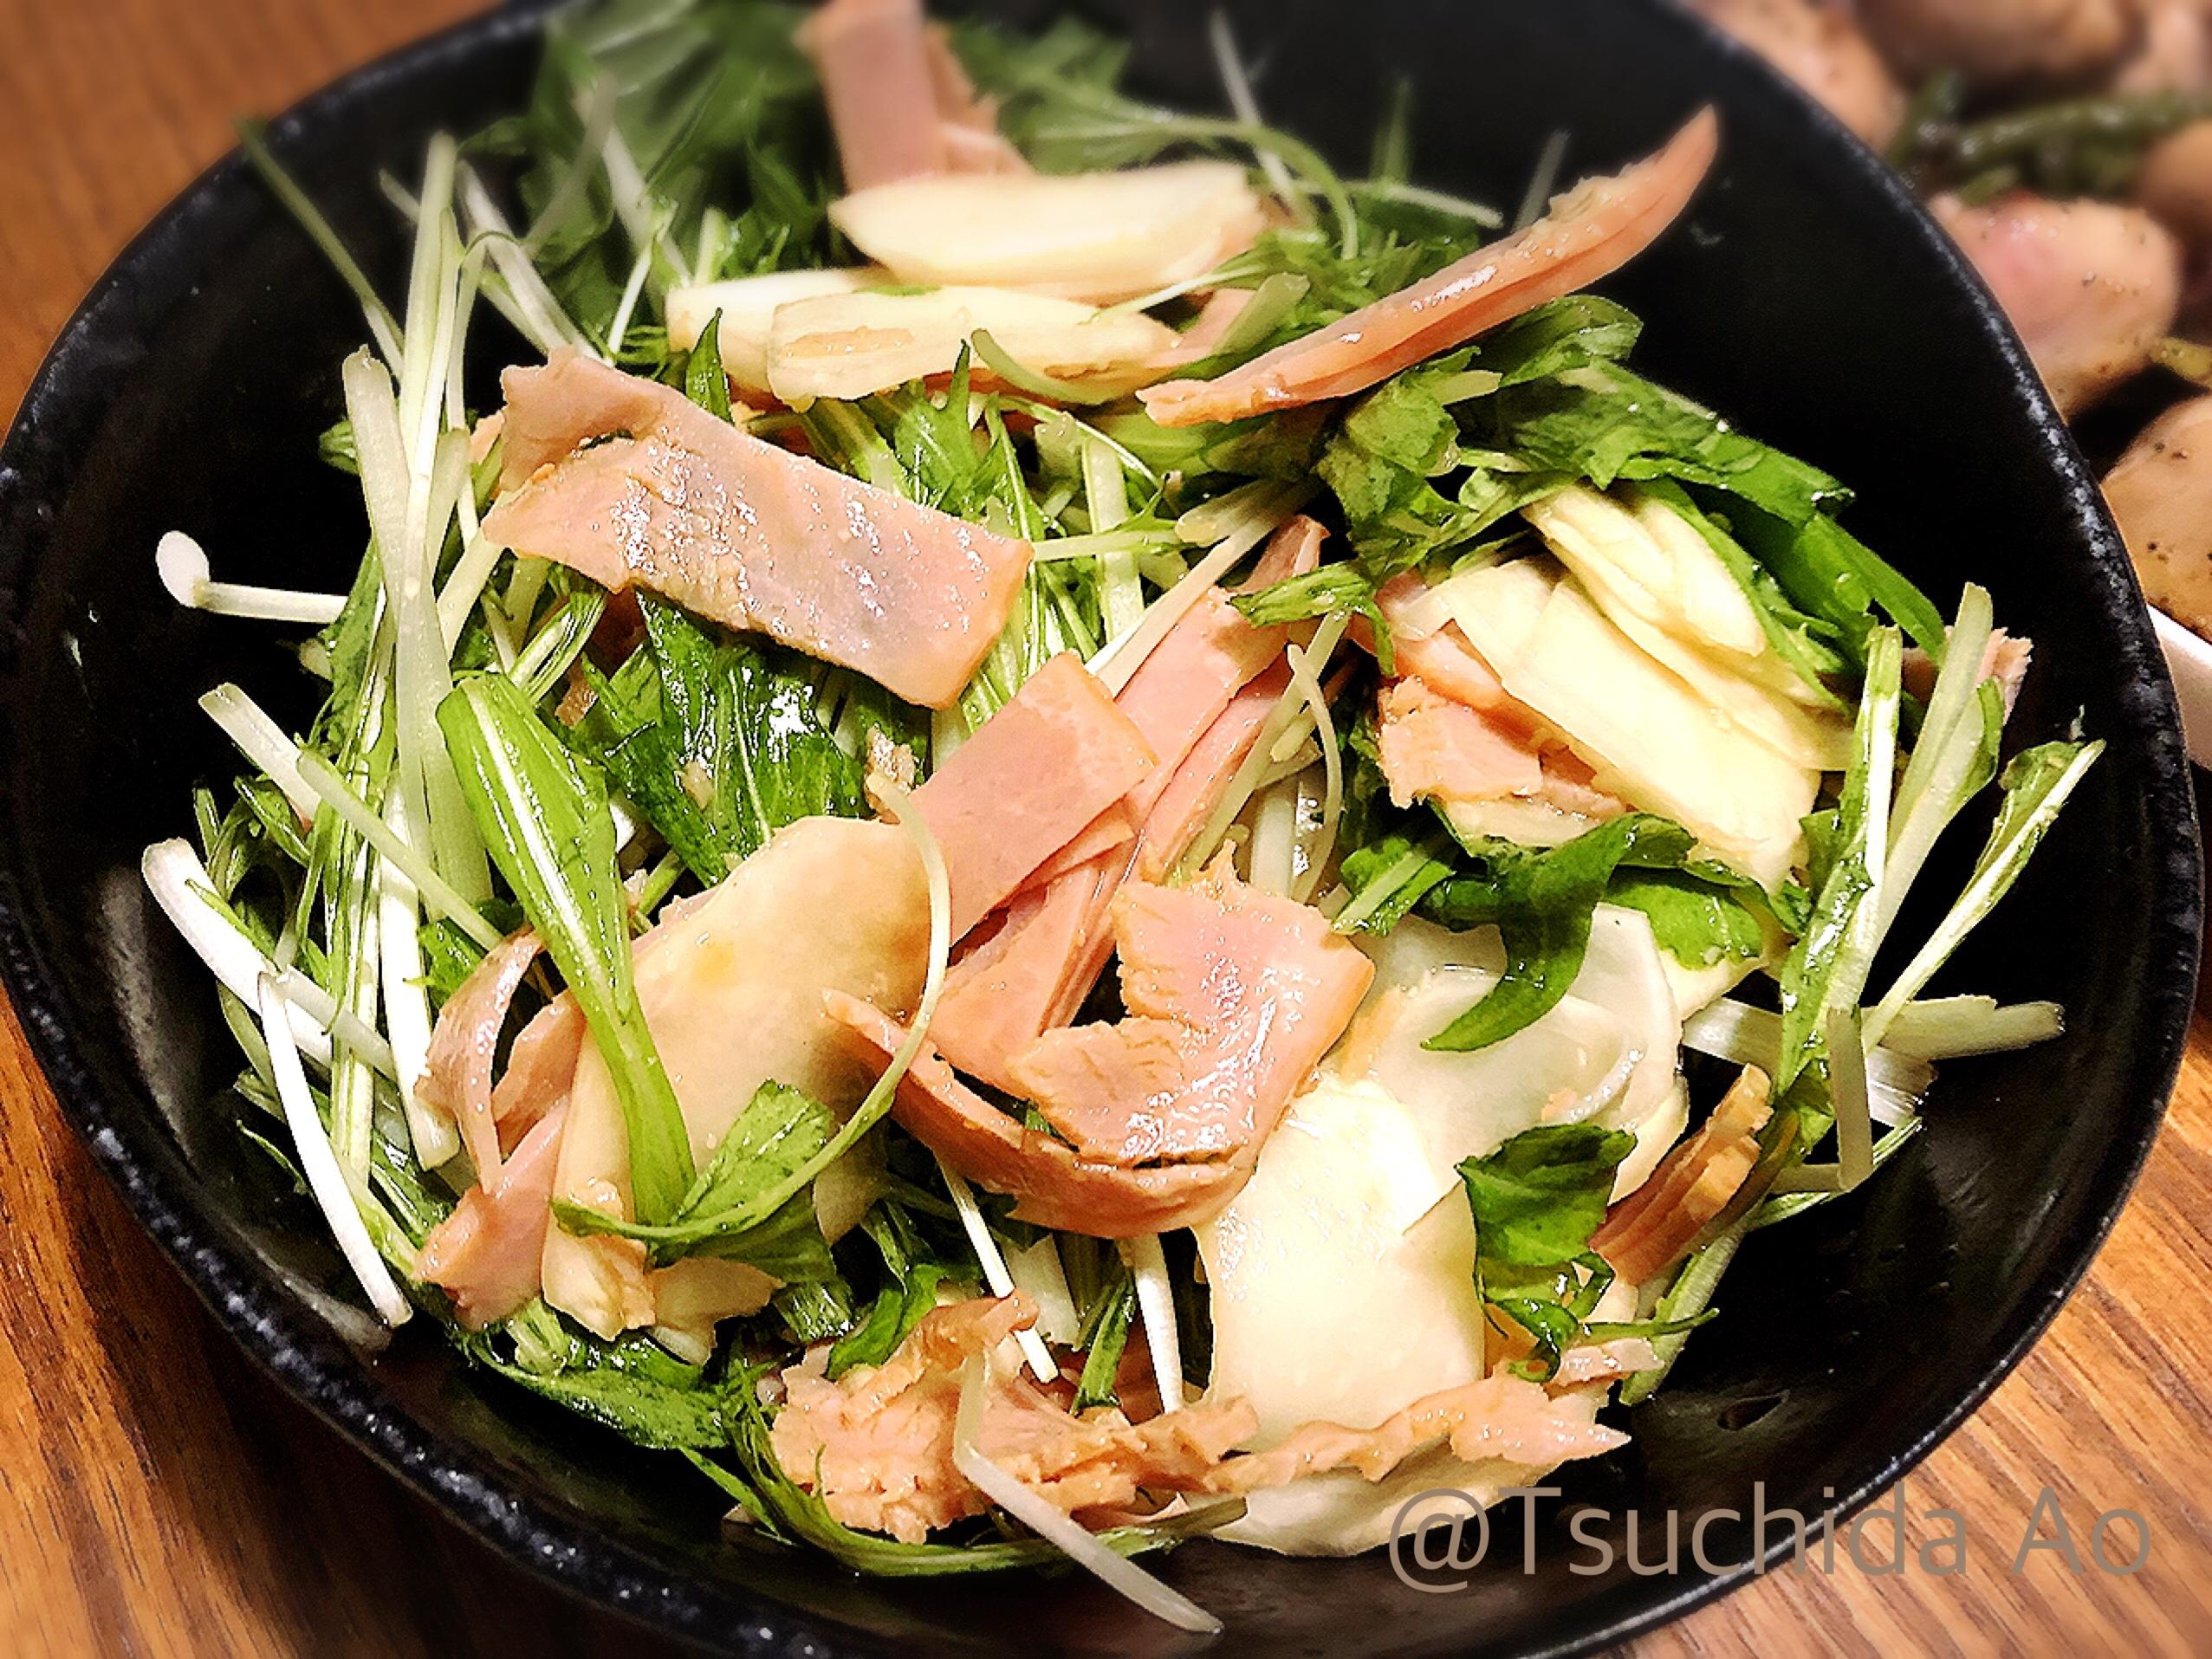 かぶと水菜のわさびマリネ風サラダ